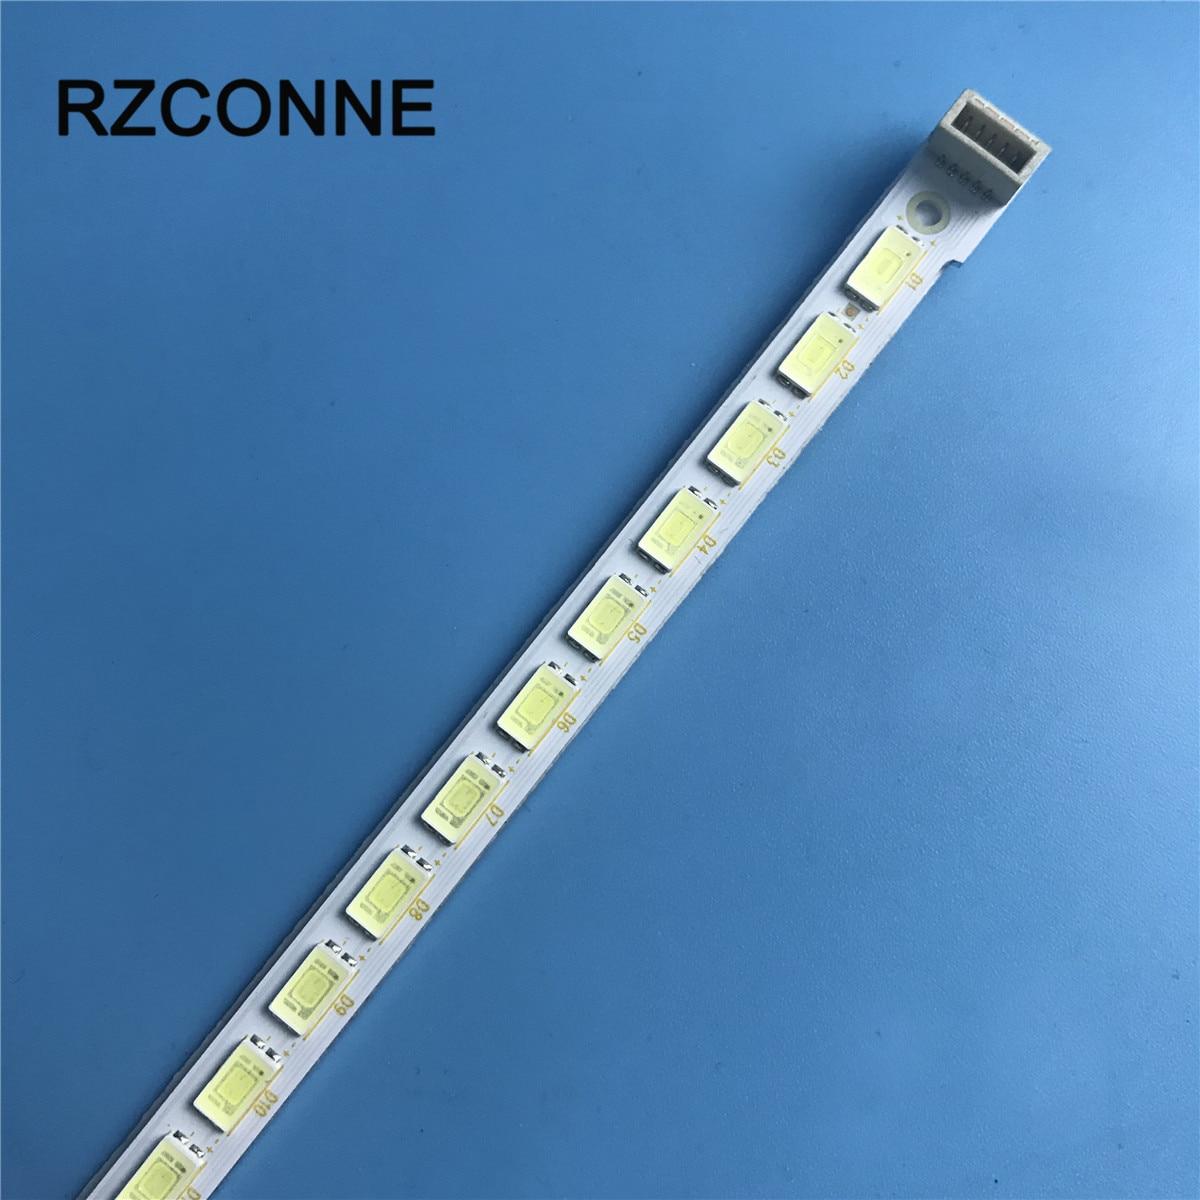 LED Backlight Lamp Strip For LG 32'' TV 73.32T21.002-2 32LT360C WL-3232EK 320TA0F V0 T320XVN01.1 ET20504 32LS3590 32LS350T